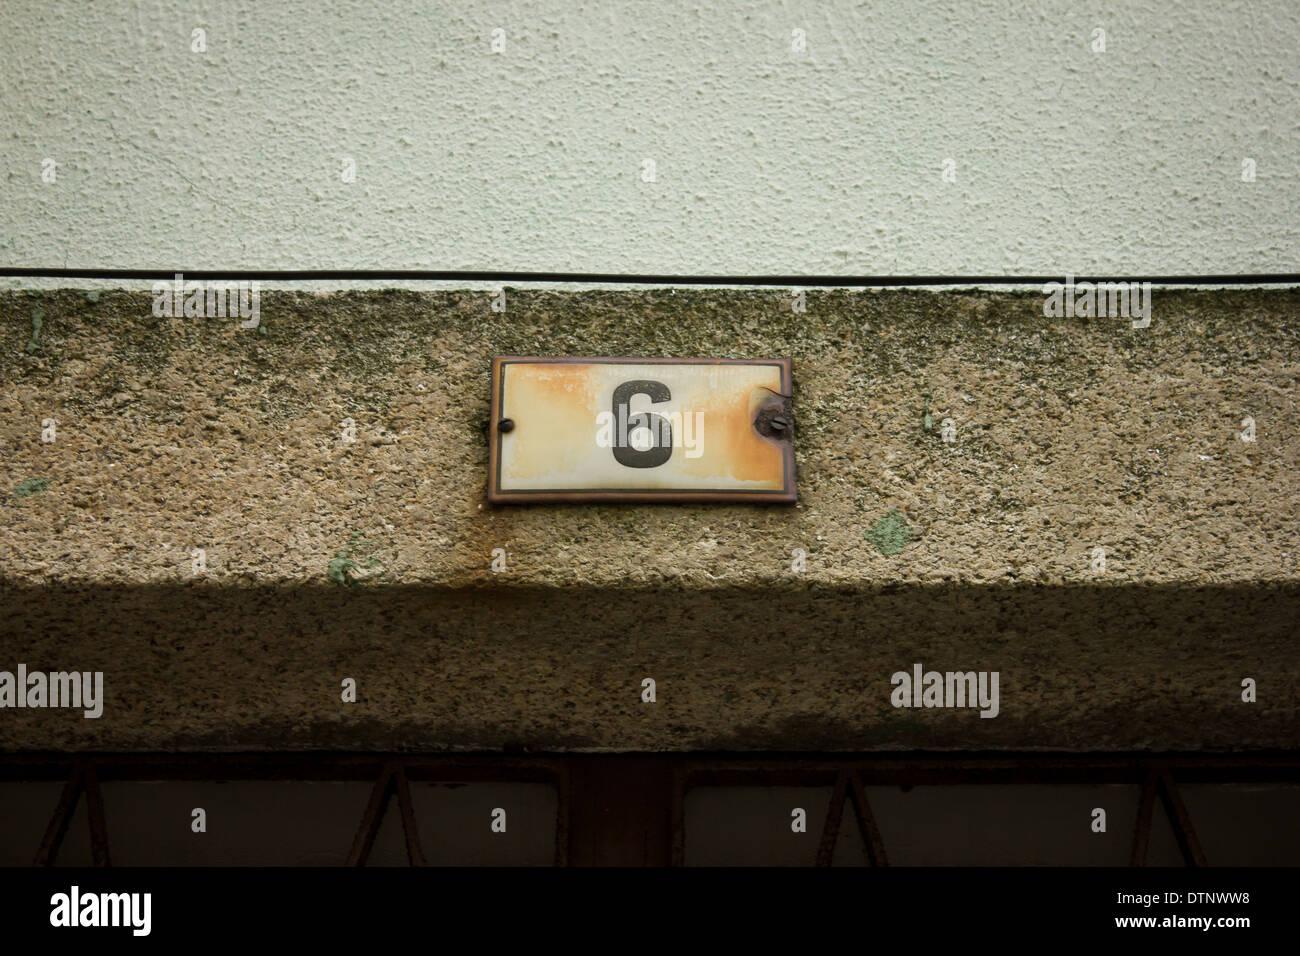 Door number 6 & Door number 6 Stock Photo Royalty Free Image: 66864148 - Alamy